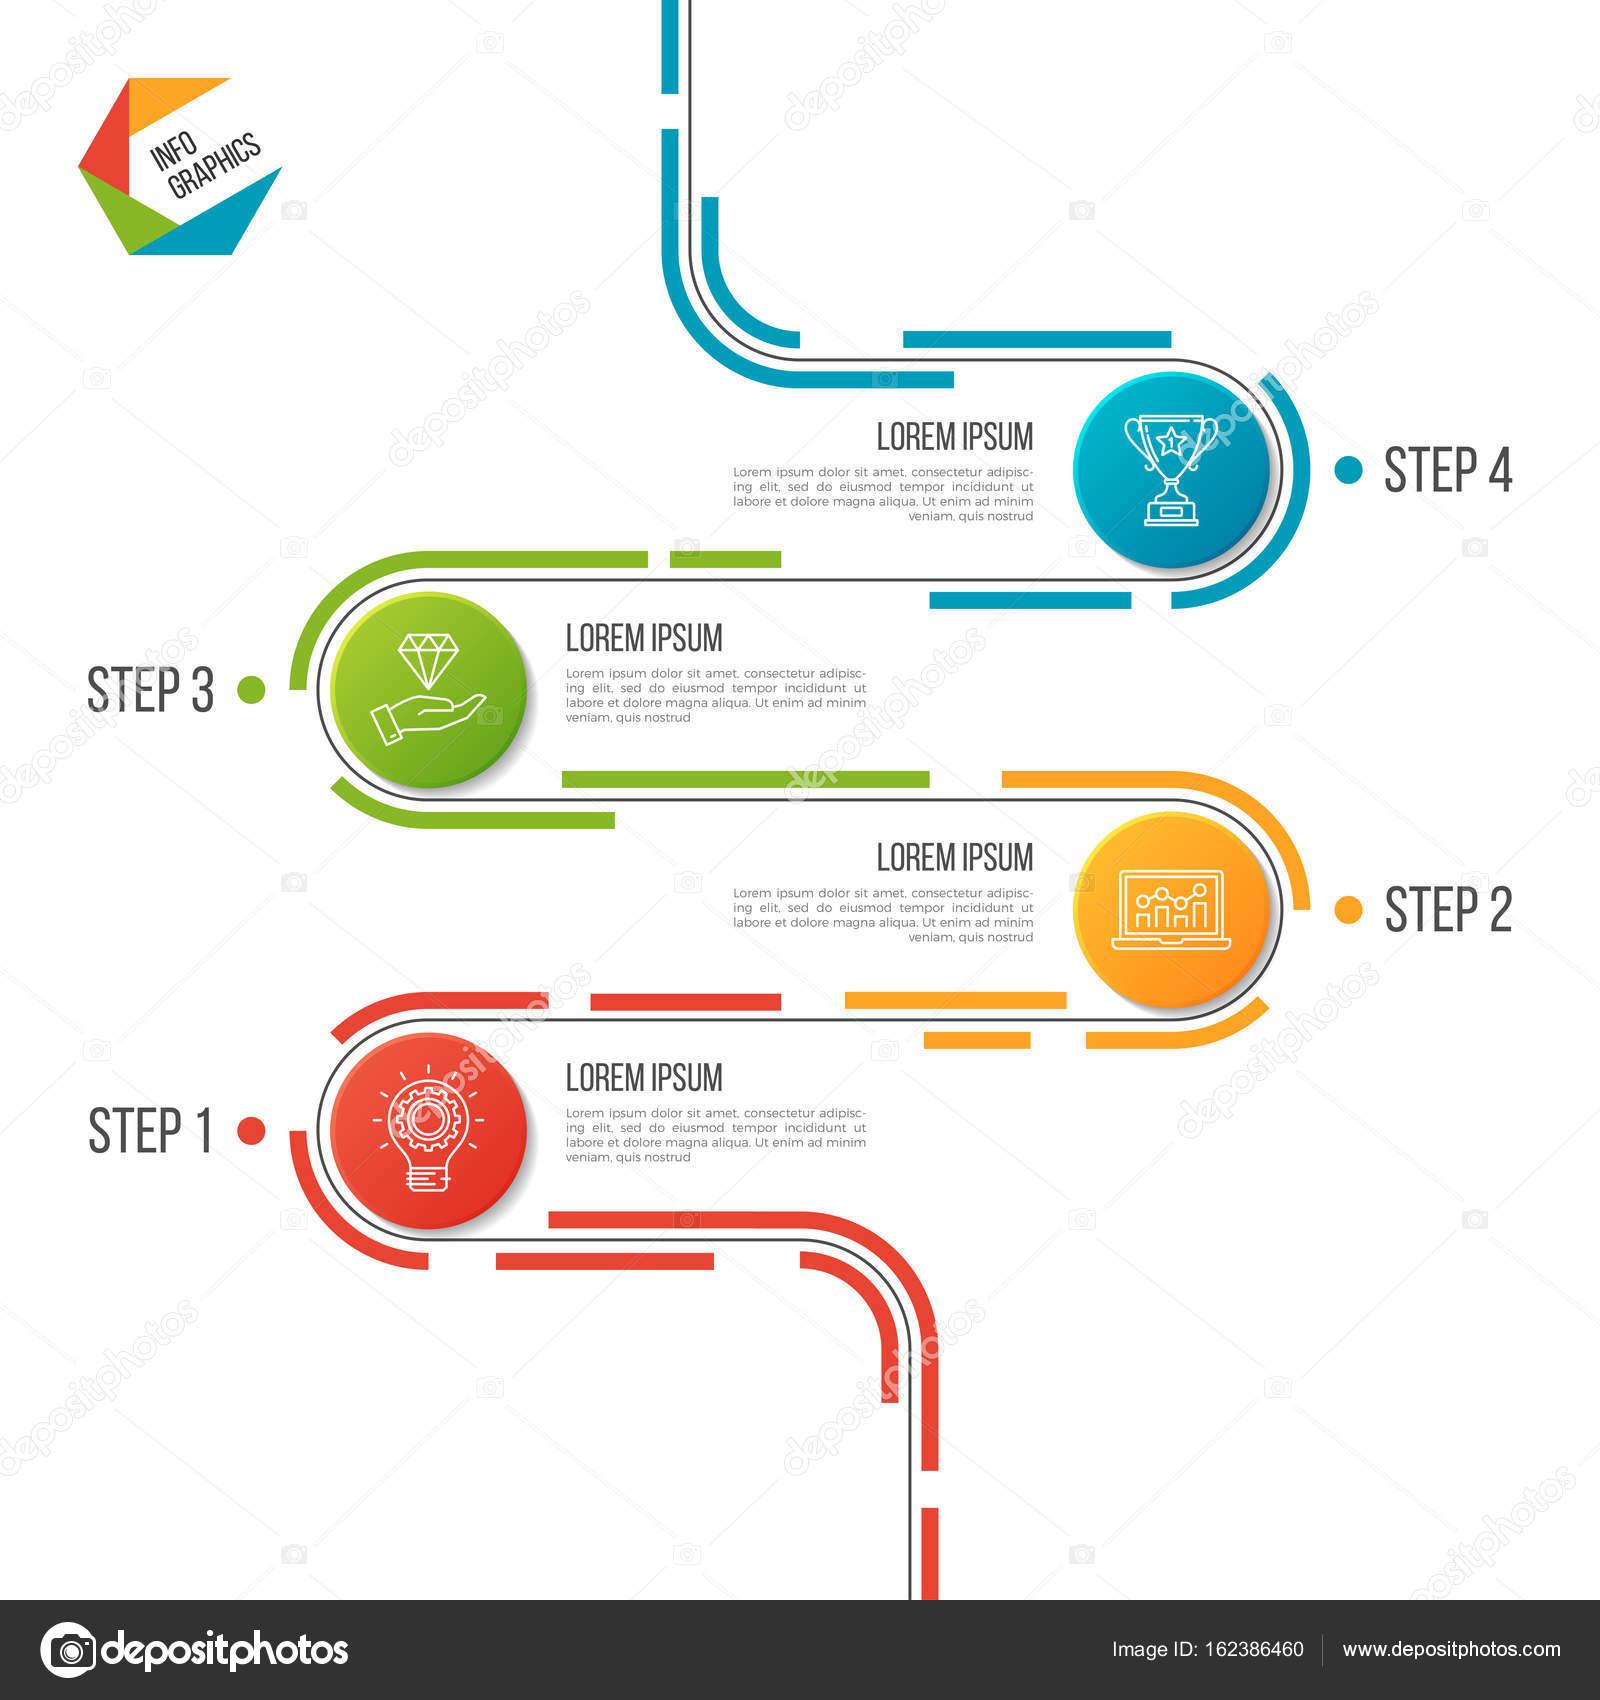 抽象的な 4 つのステップの道タイムライン インフォ グラフィック